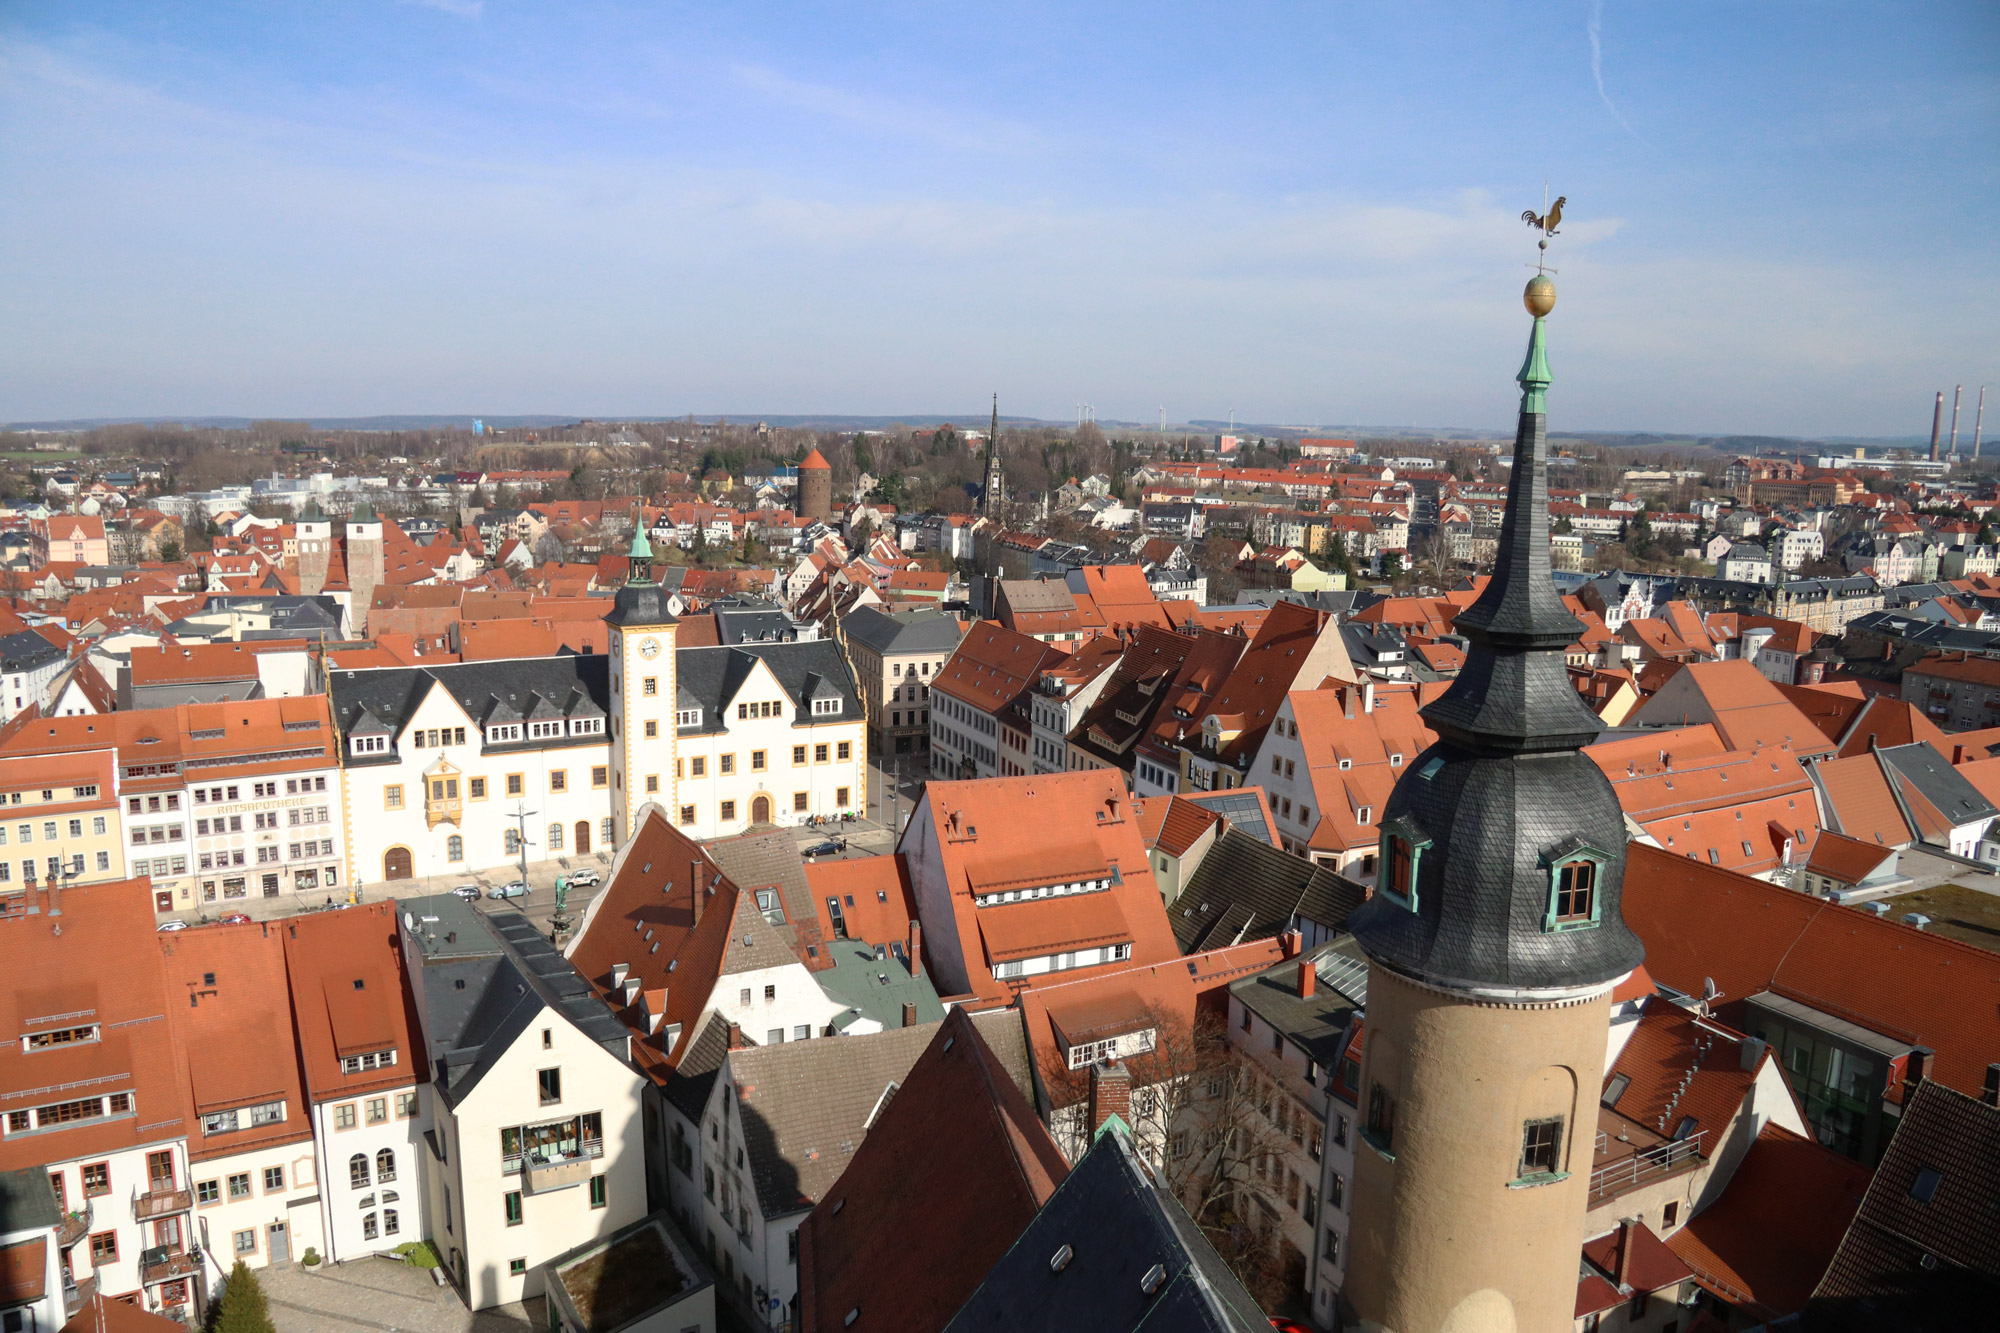 Freiberg, de zilverstad in Saksen - Panoramisch uitzicht vanaf de Petrikirche